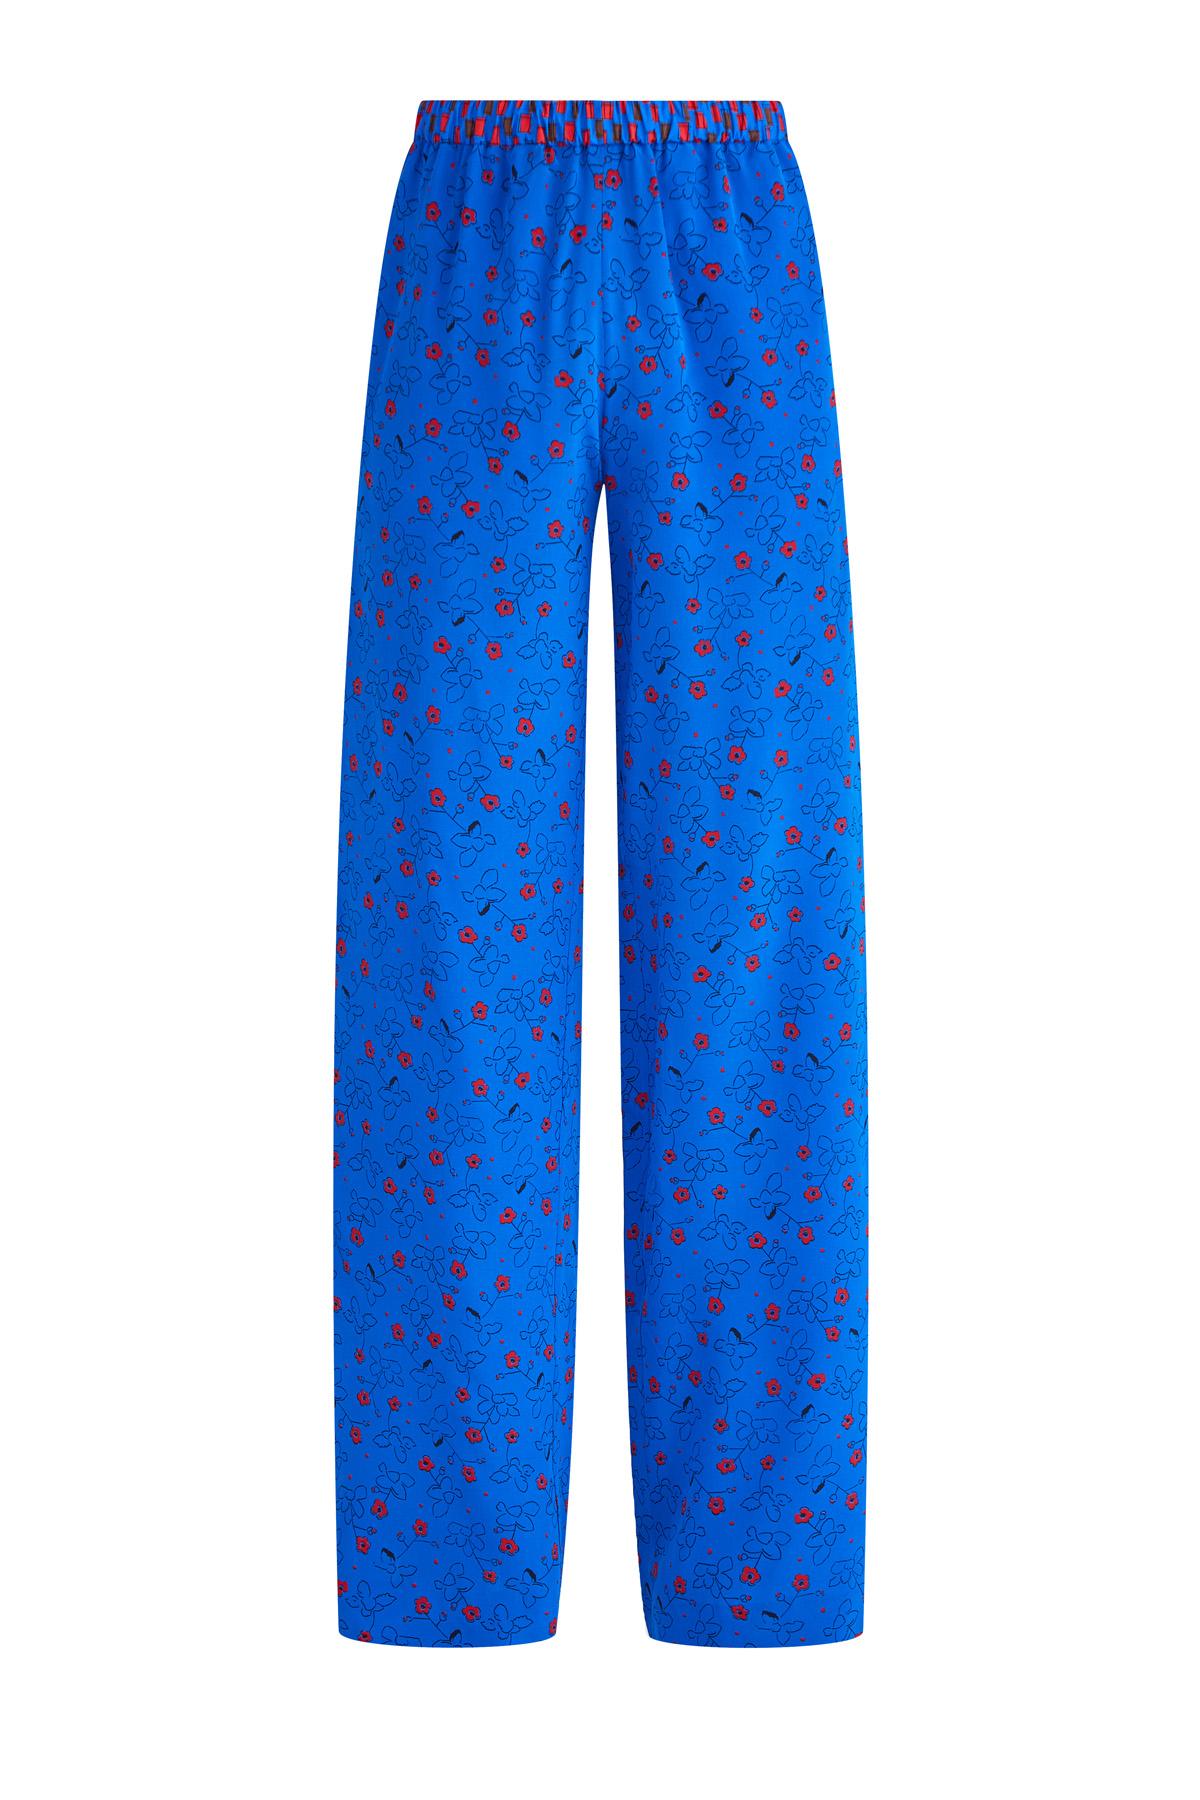 Купить со скидкой Брюки в пижамном стиле из шелка с принтом с флористическим мотивом